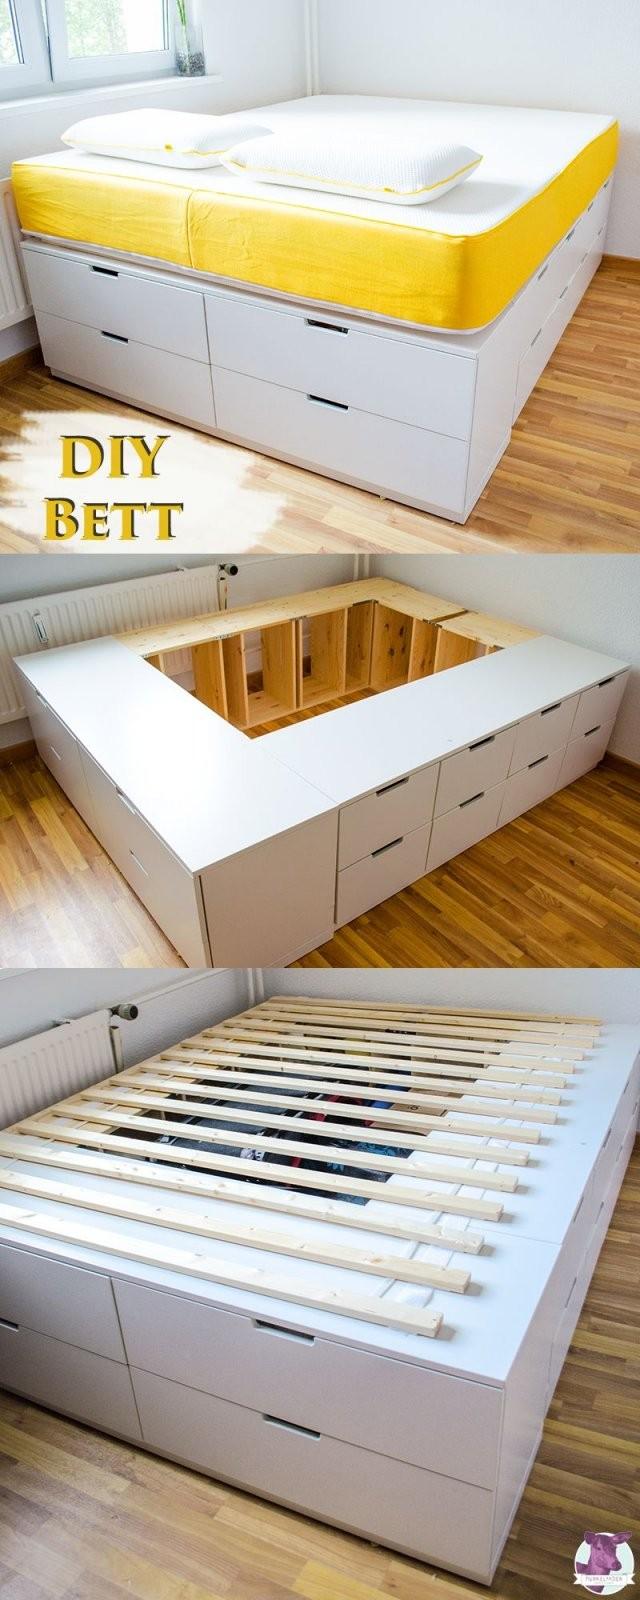 Diy Ikea Hack  Plattformbett Selber Bauen Aus Ikea Kommoden von Bett Bauen Mit Stauraum Bild